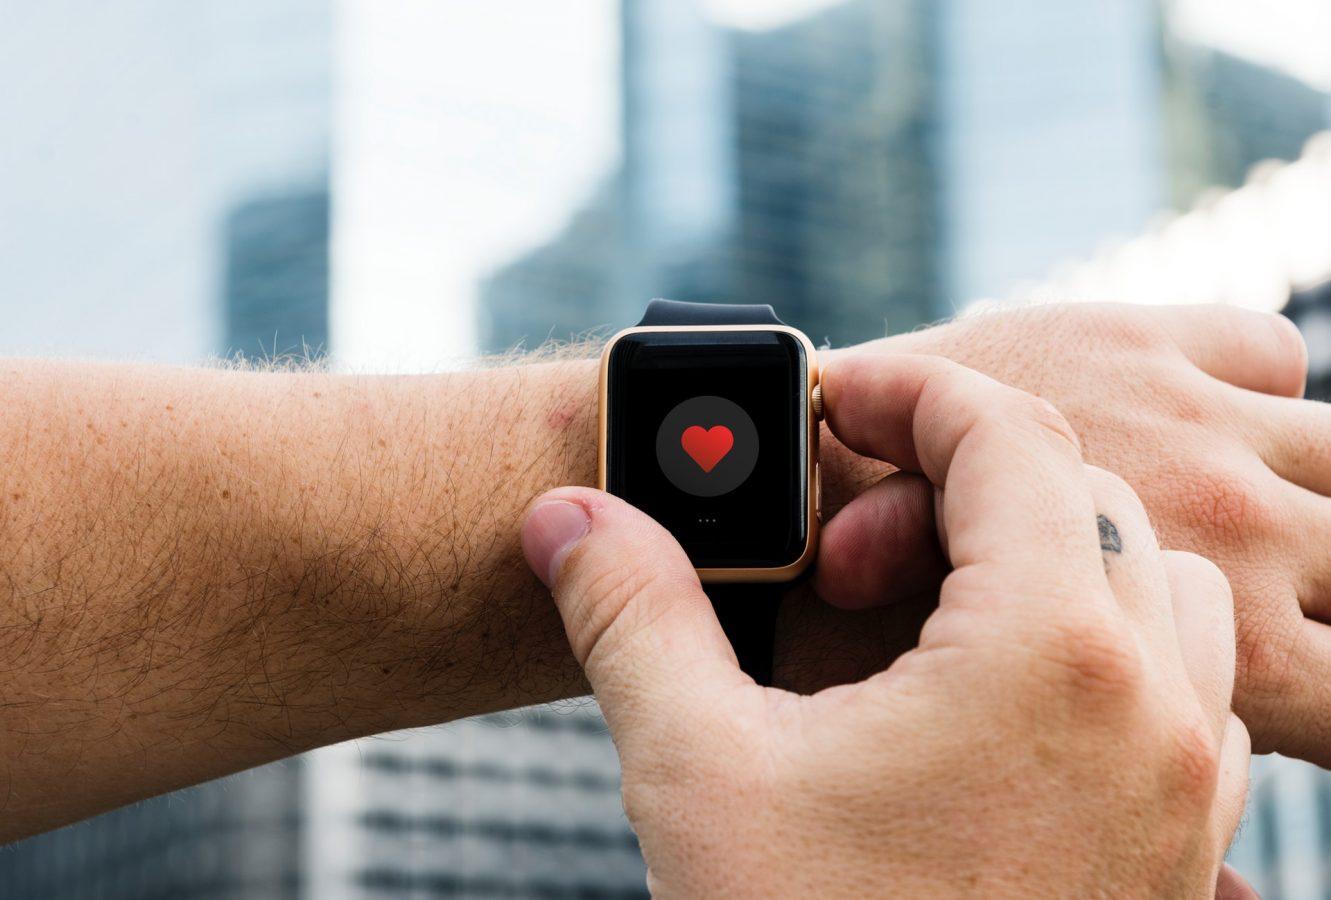 Heart on smart watch